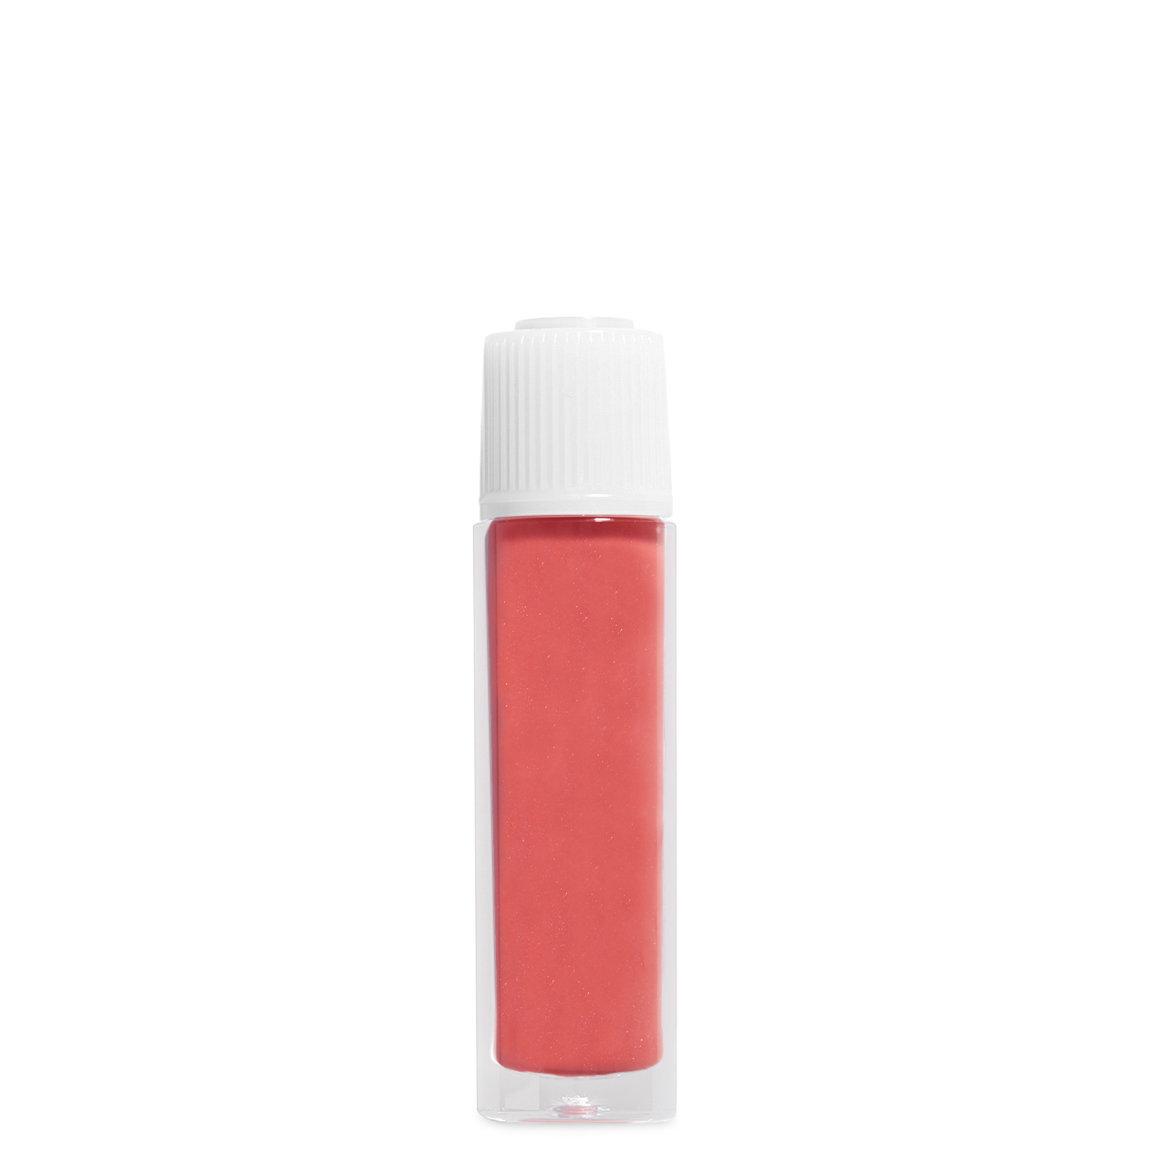 Kjaer Weis Lip Gloss Refill Fascination alternative view 1.